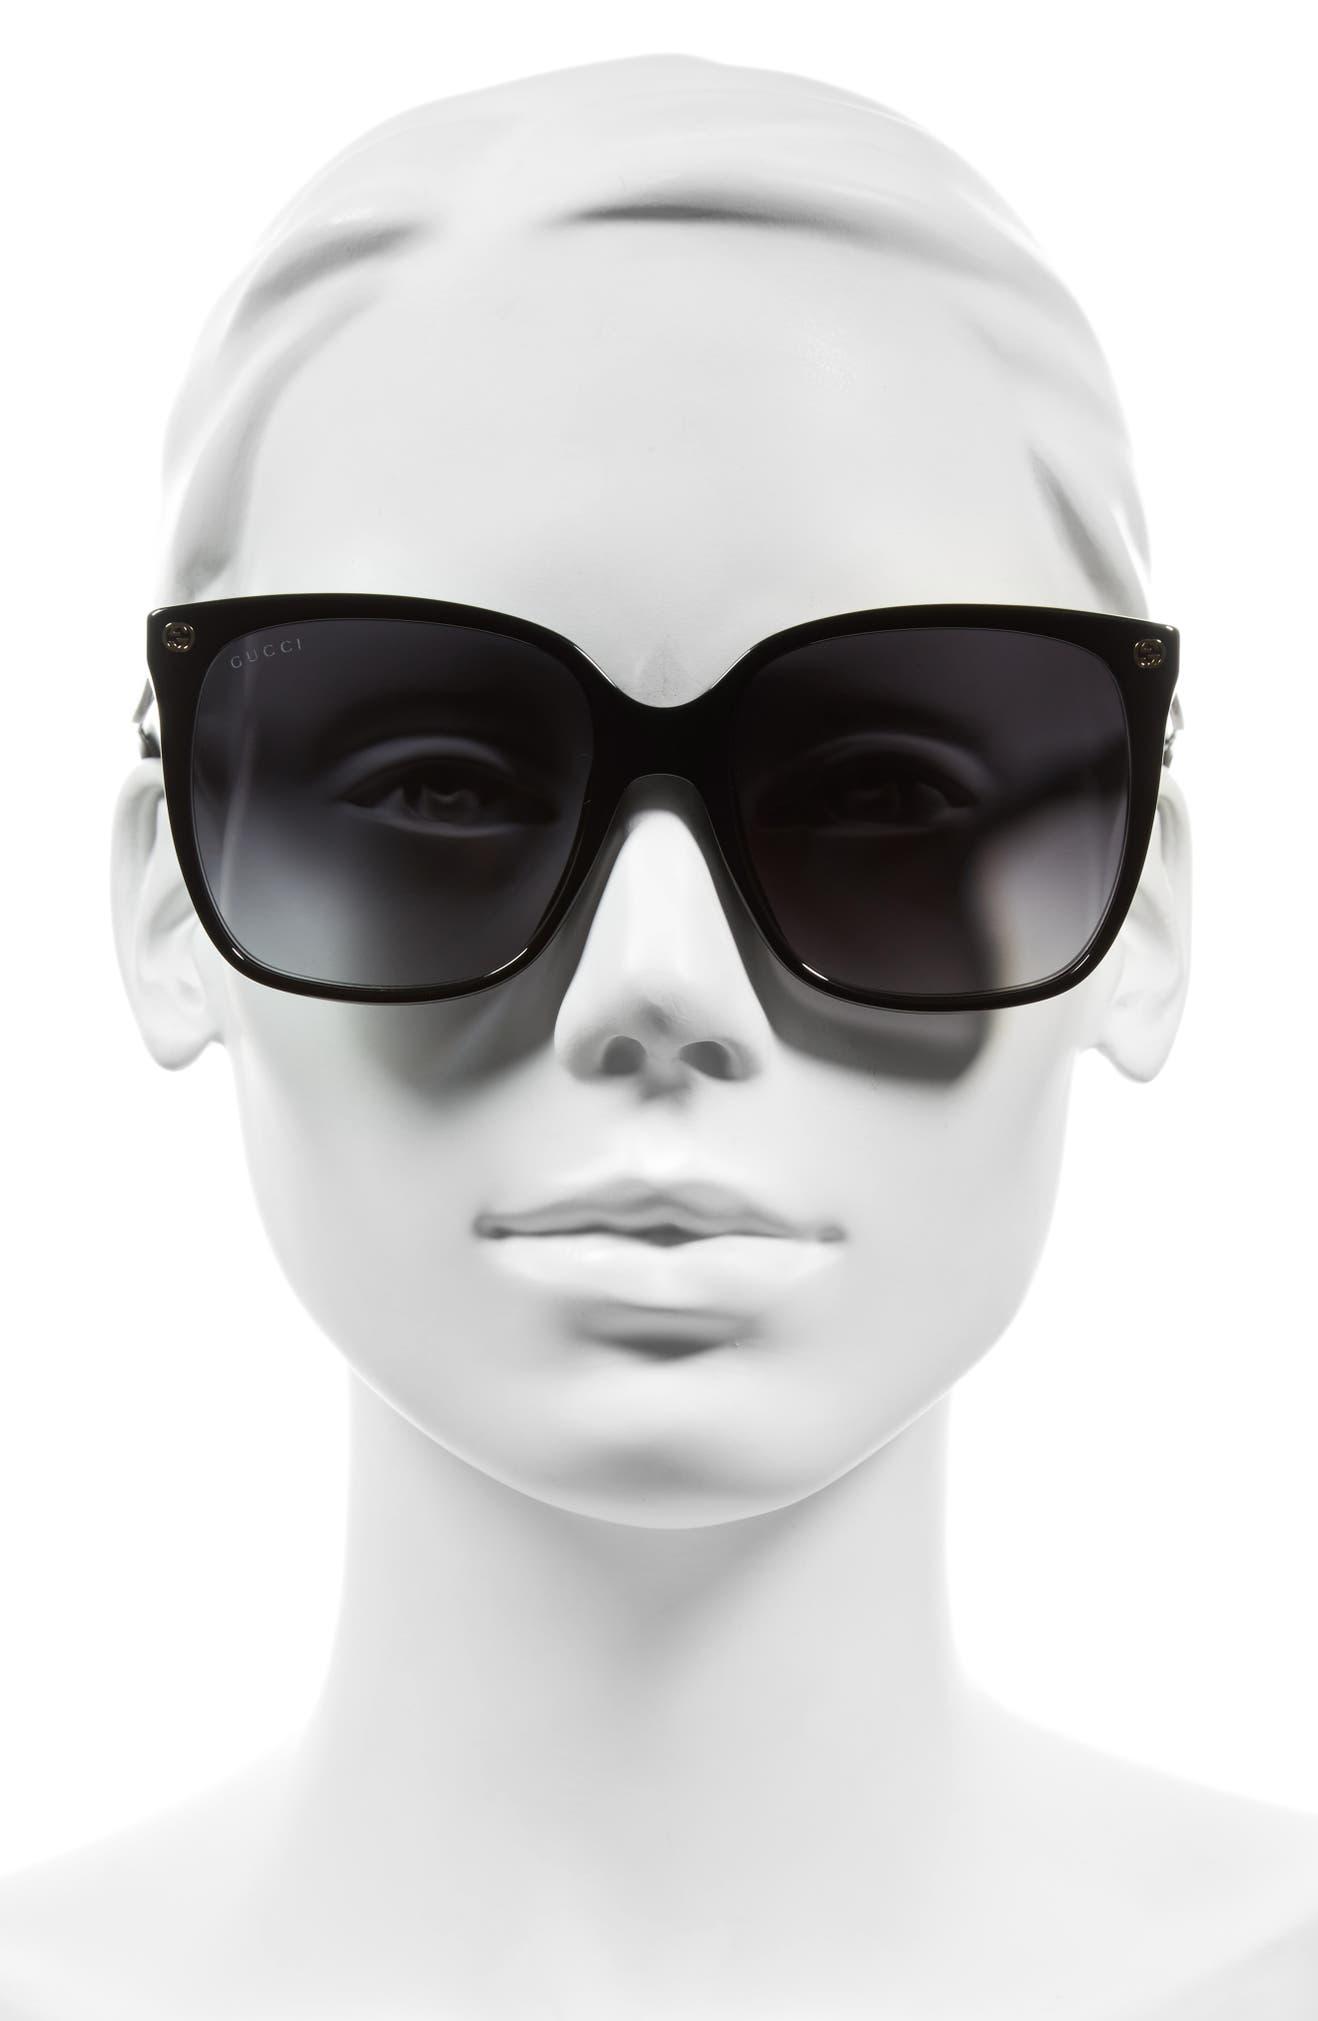 81bef7a3df4 Gucci 57mm Square Sunglasses